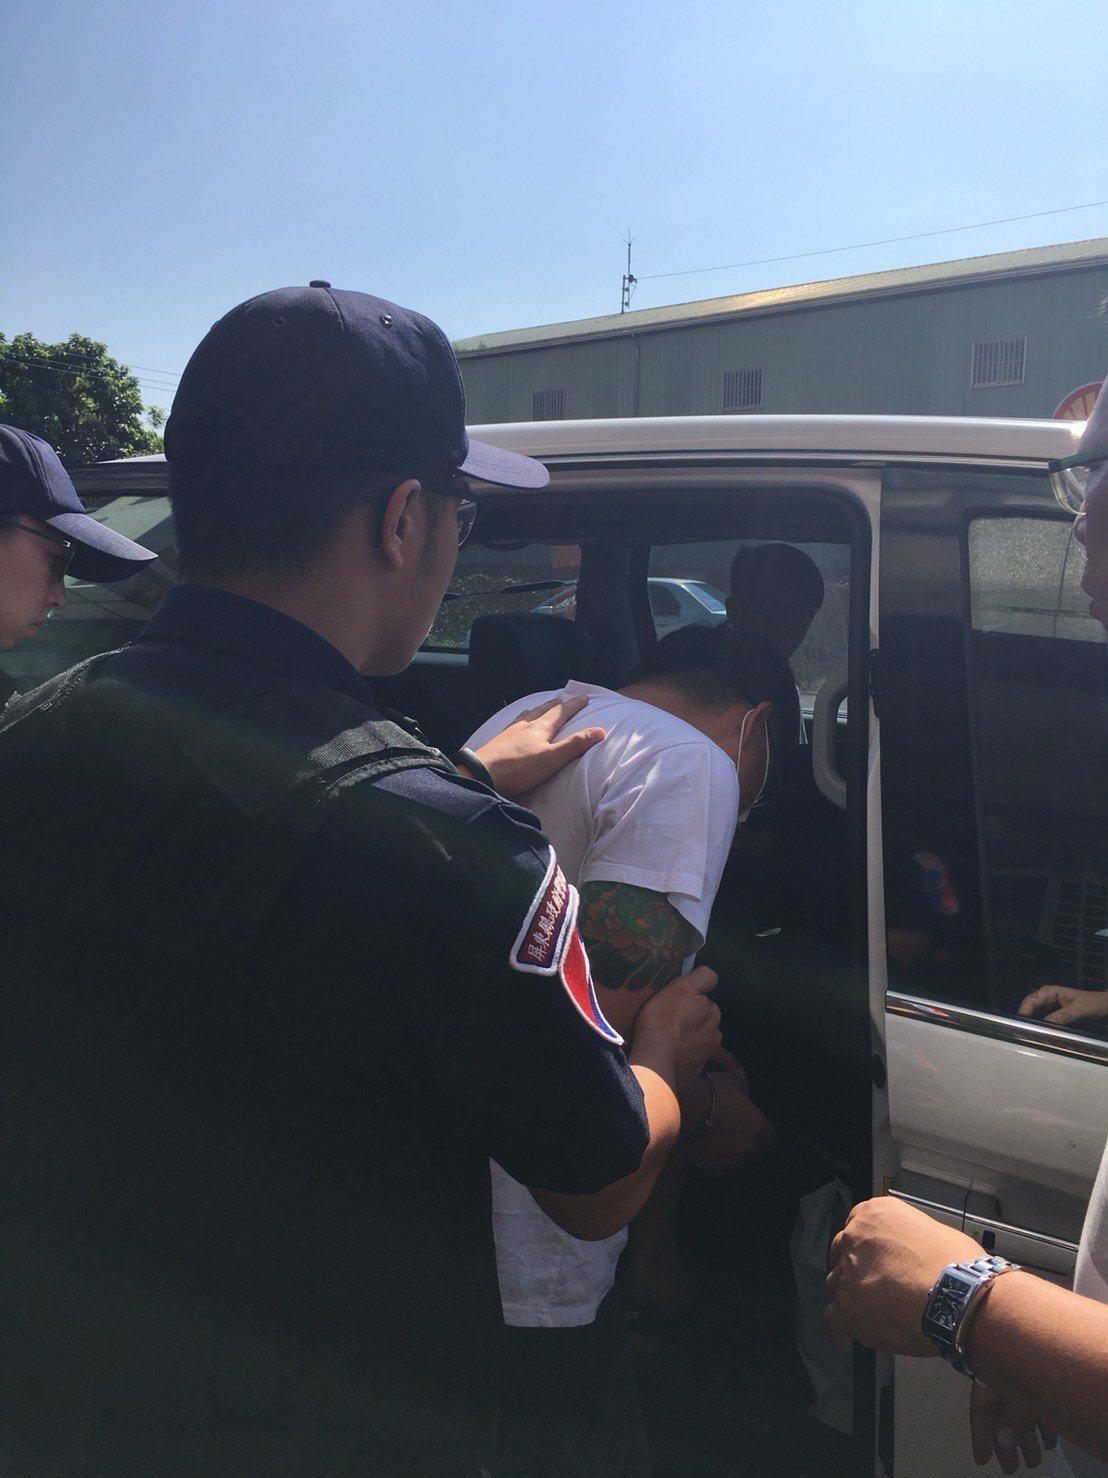 沙鹿合庫搶匪44歲歐嫌上午在屏東落網,將帶回台中偵訊。圖/警方提供